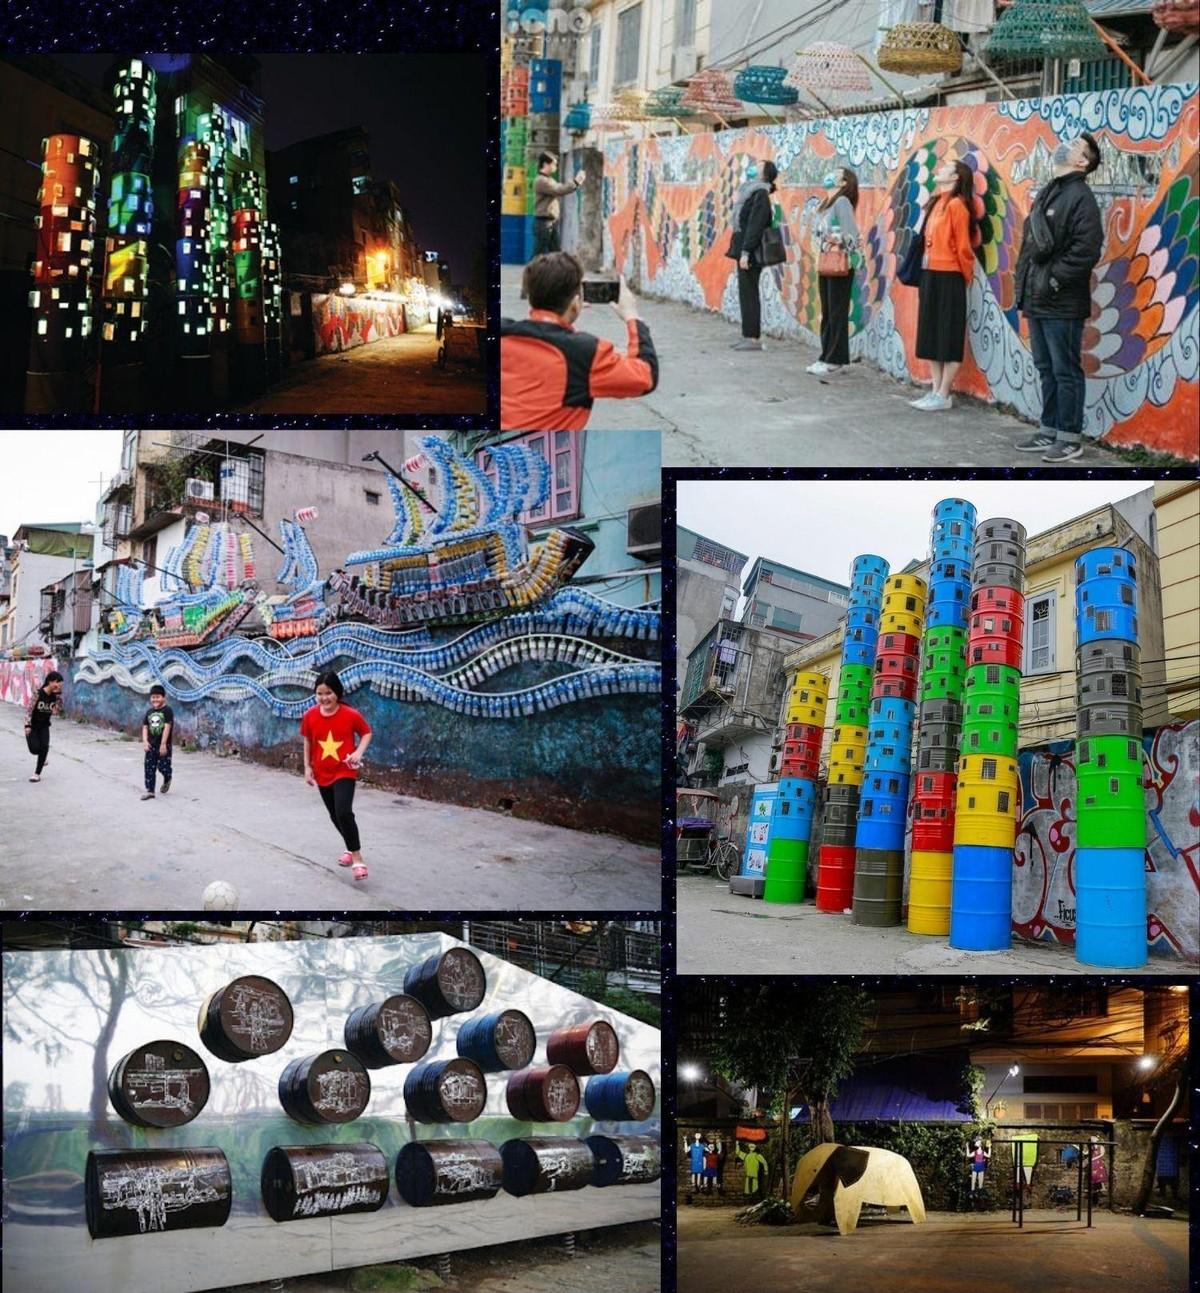 Hà Nội - Thành phố ngàn năm sáng tạo (Bài 2): Bức tranh sáng tạo quyến rũ ảnh 17